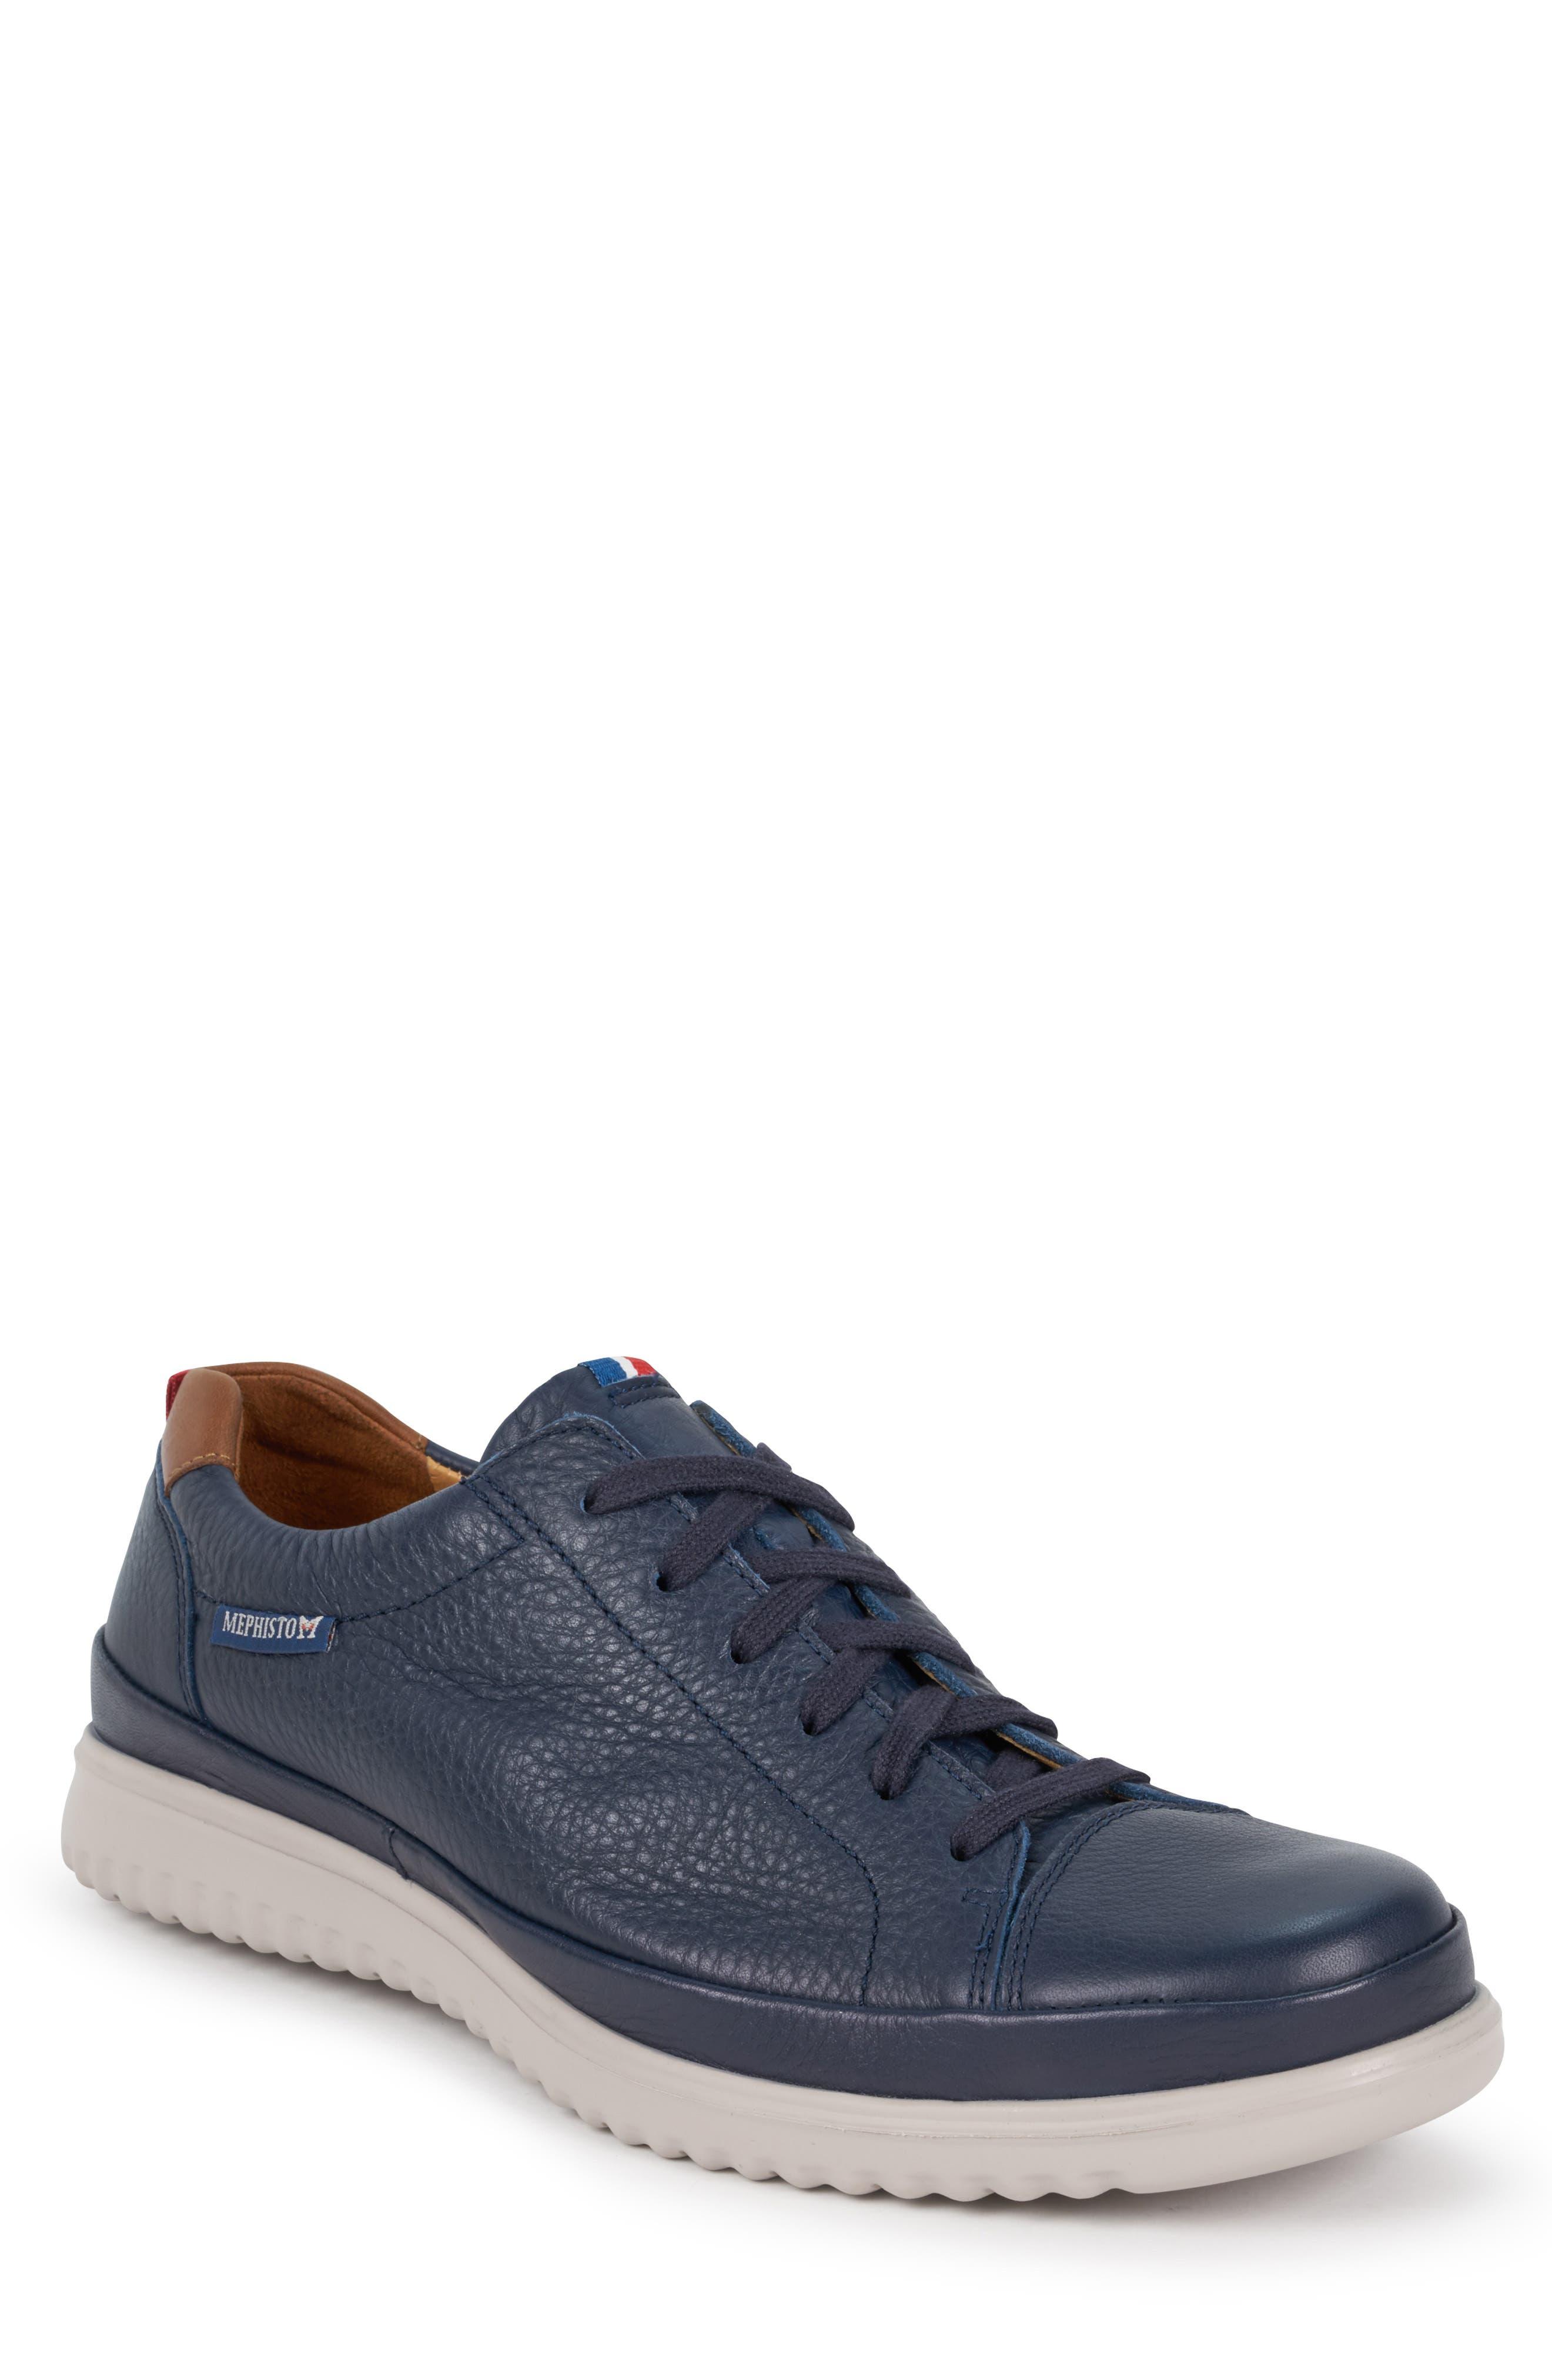 Thomas Sneaker